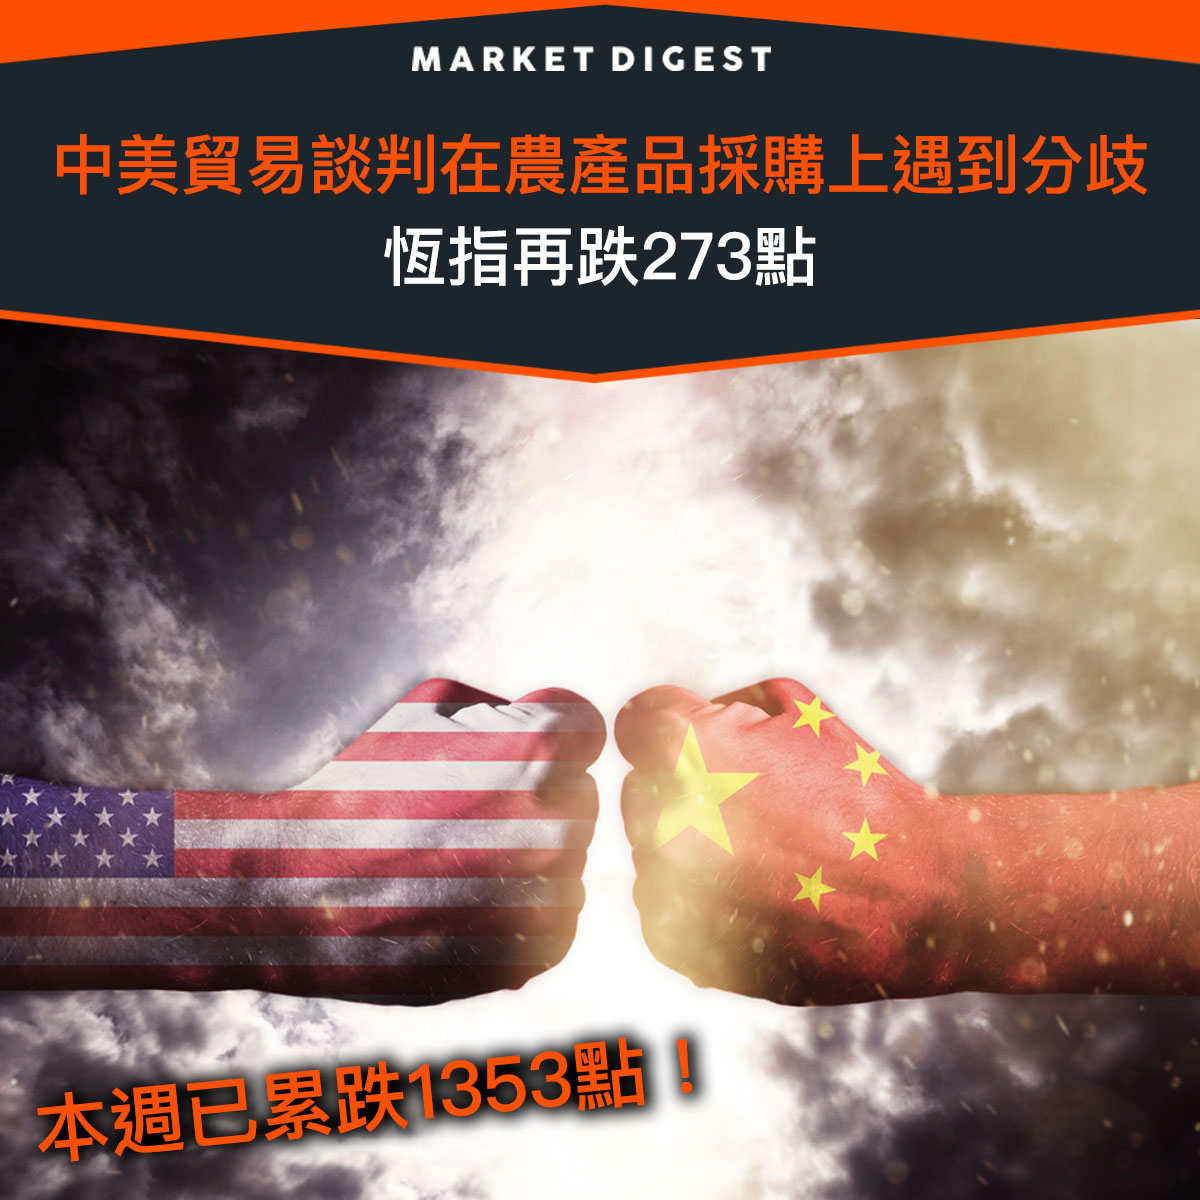 【中美貿易戰】貿易談判在農產品採購上遇到分歧,恆指再跌273點